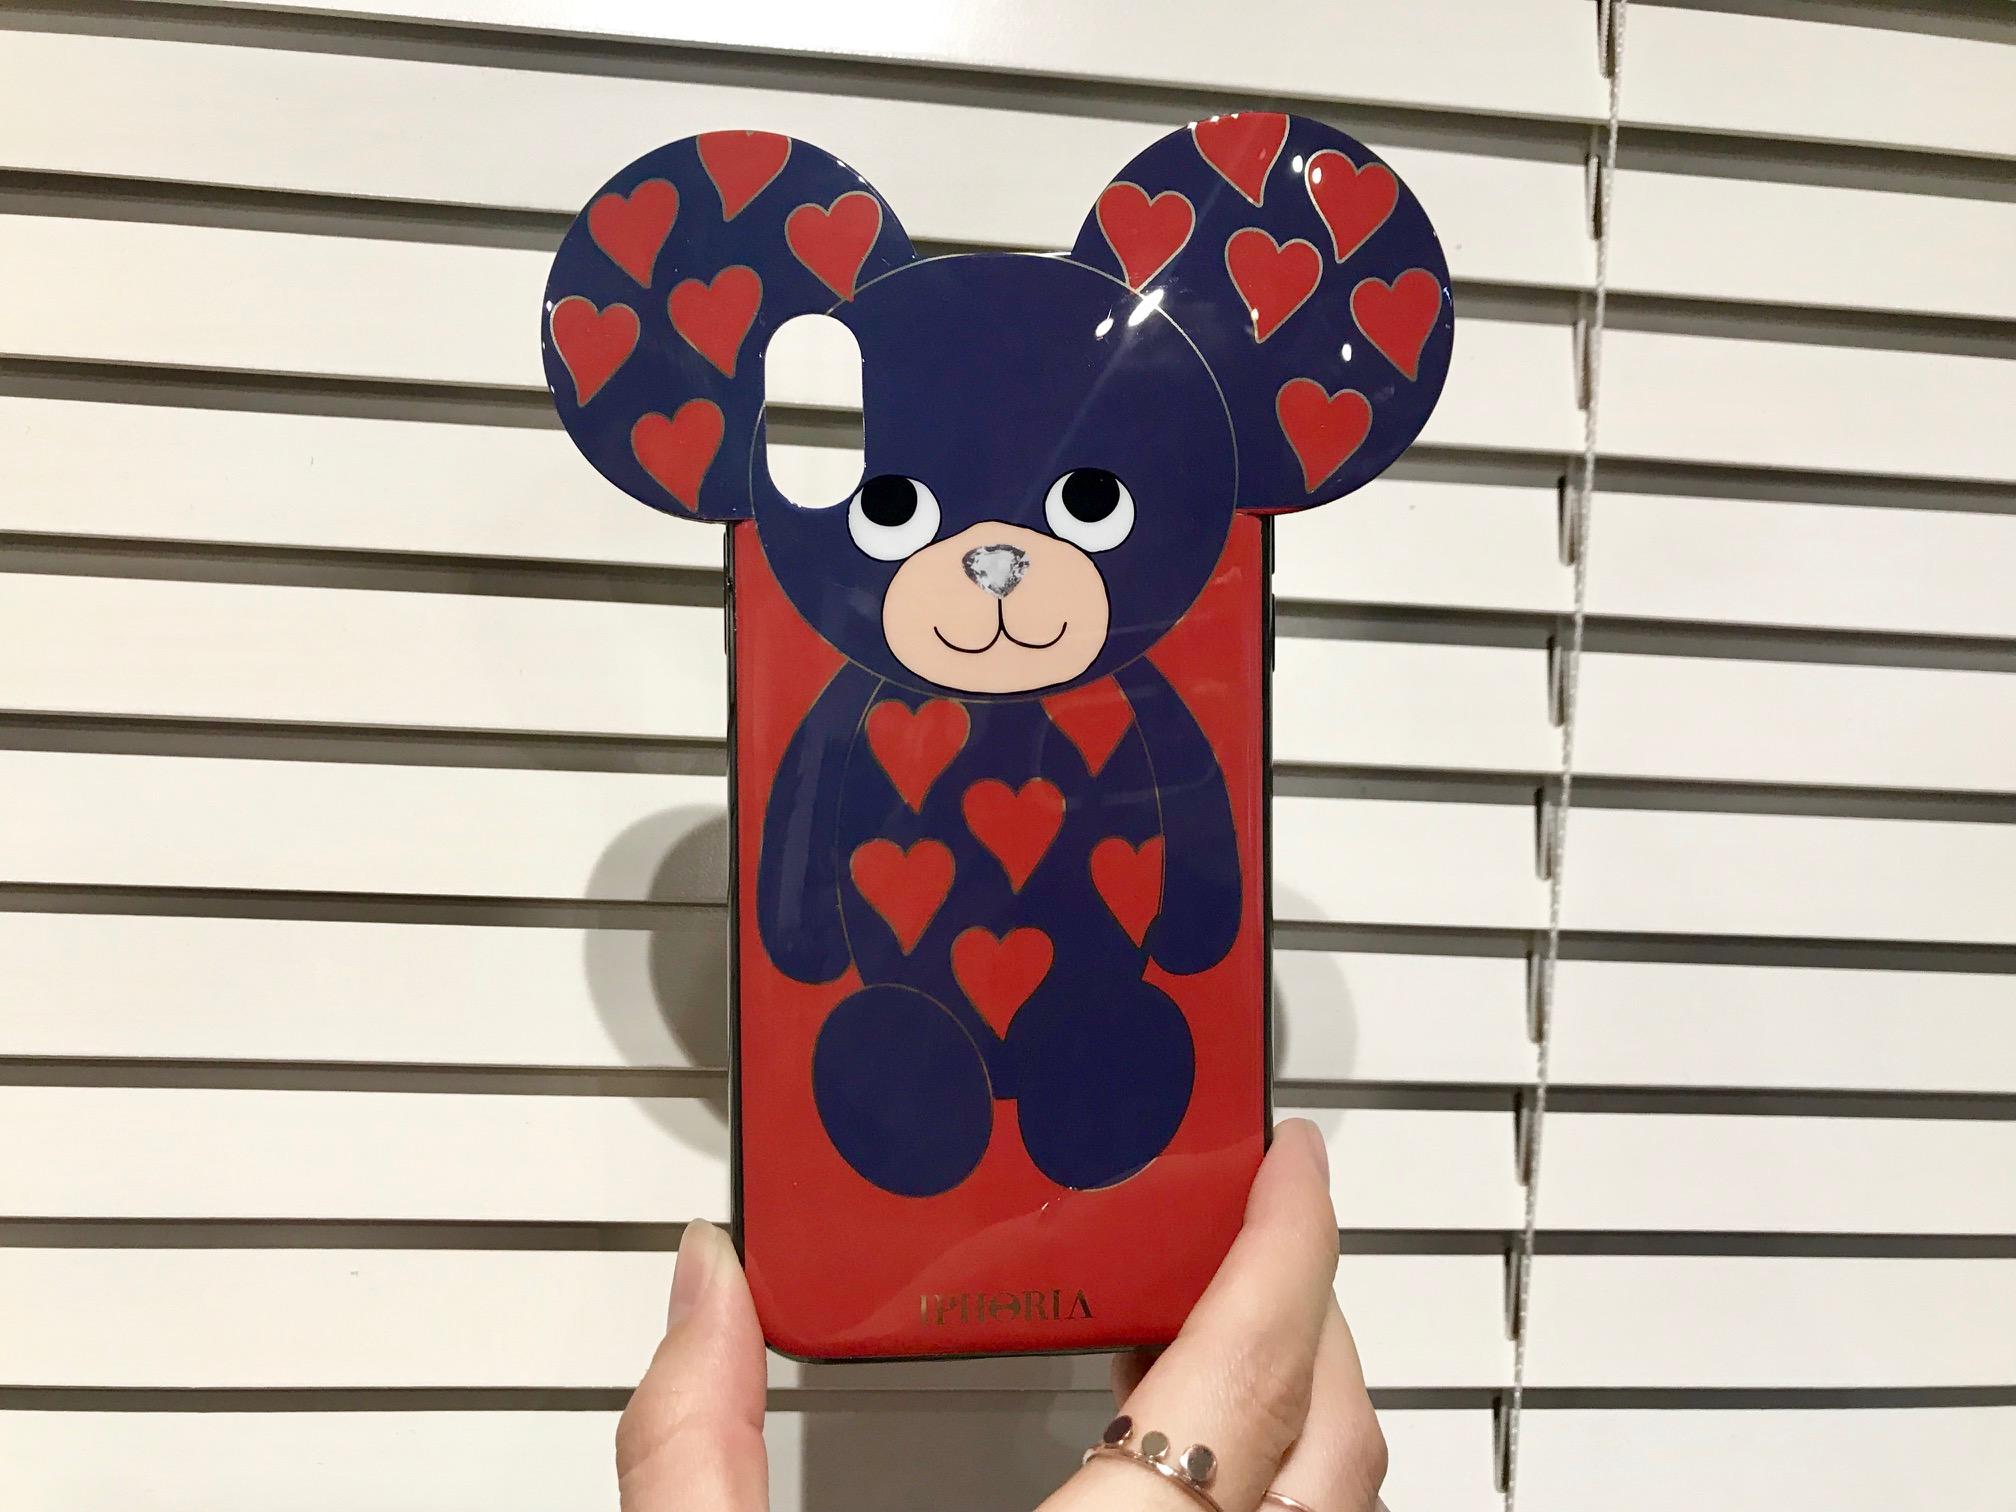 欲しいデザインがきっと見つかる♡ 『IPHORIA』の、おすすめ最新iPhoneケース5選!_4